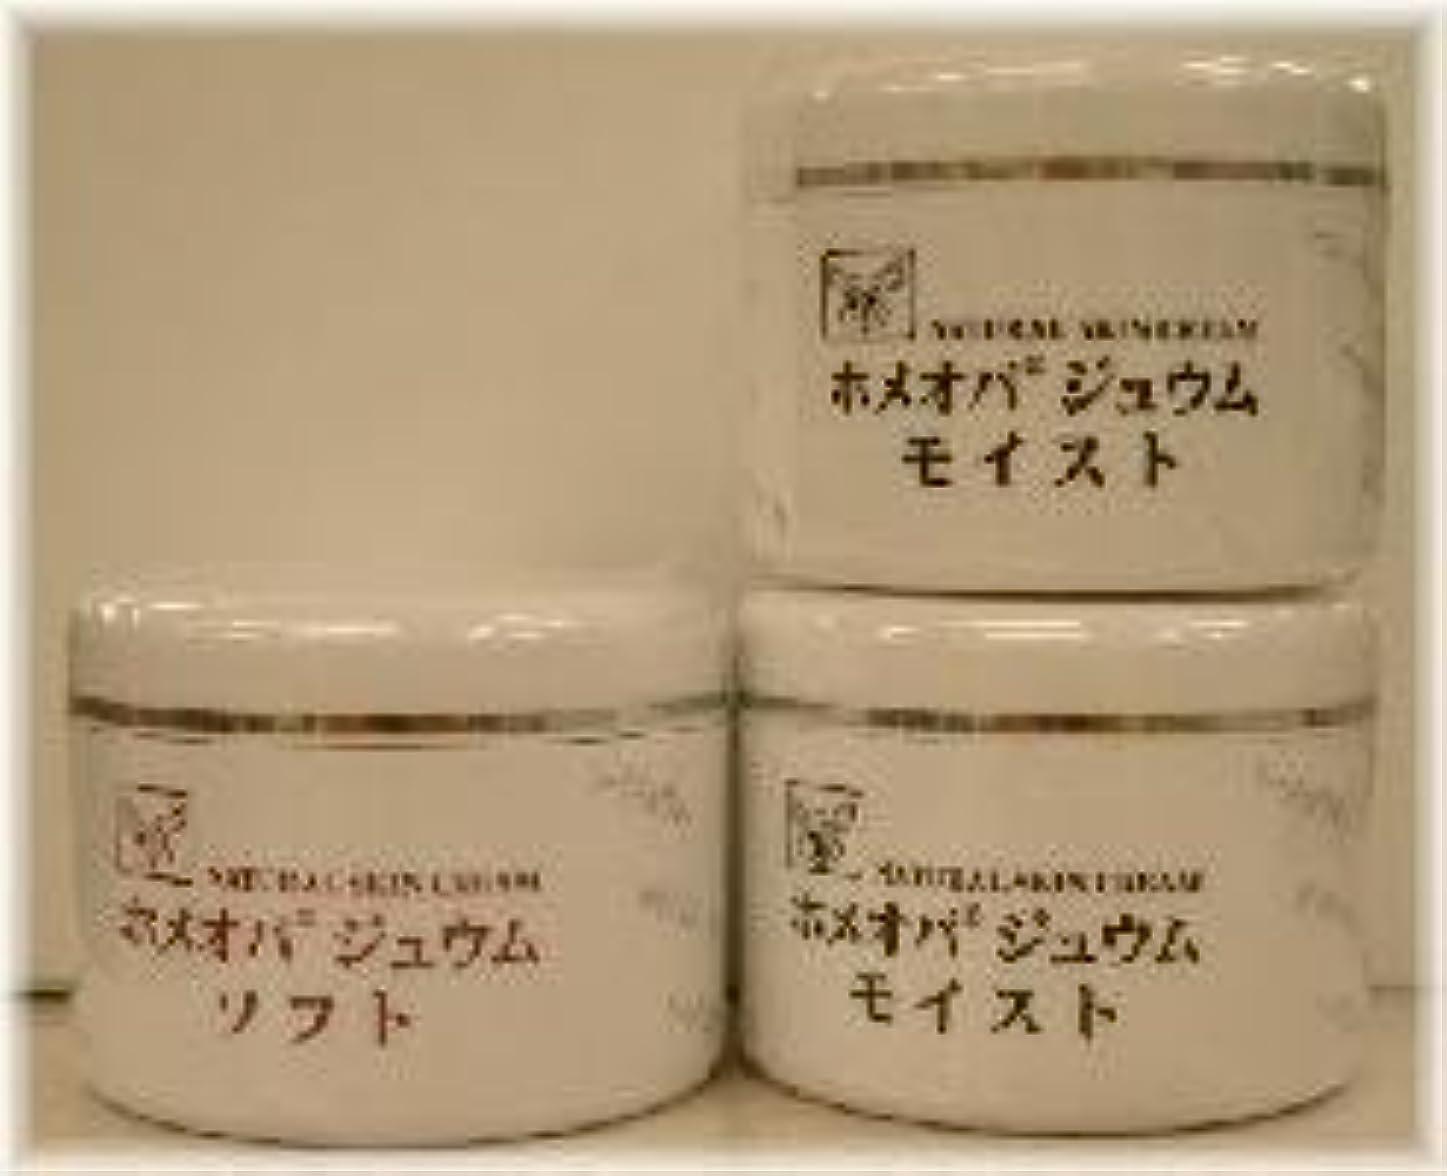 集める食欲雄弁ホメオパジュウム スキンケア商品3点 ¥10500クリームモイスト2個+クリームソフト